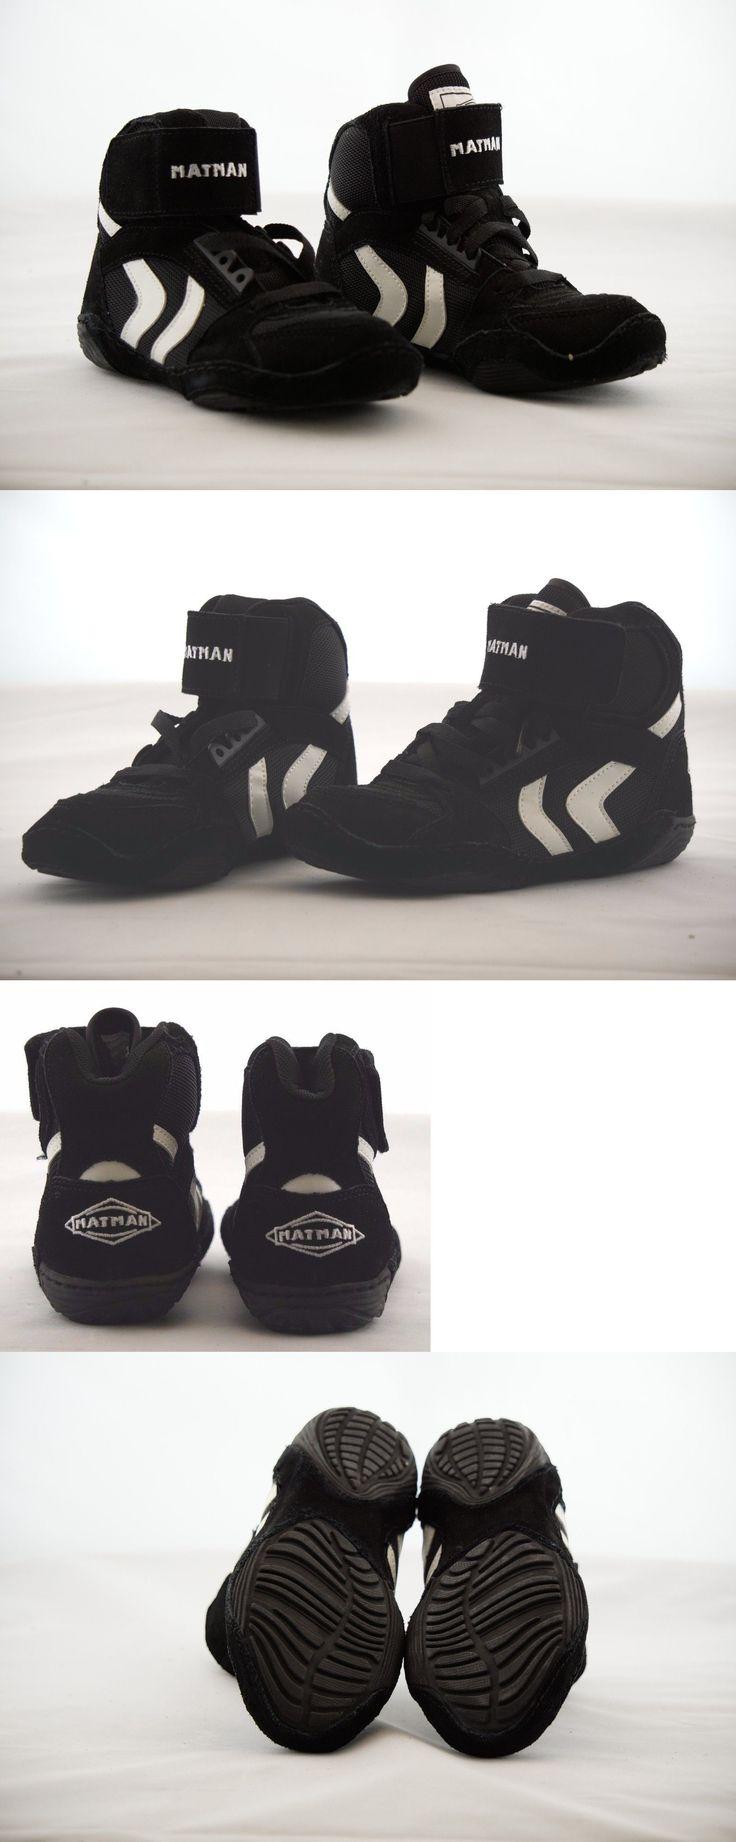 Footwear 79799: Nib Matman Youth Wrestling Shoes, S025, Black White, Suede Upper, Split Sole -> BUY IT NOW ONLY: $49.95 on eBay!